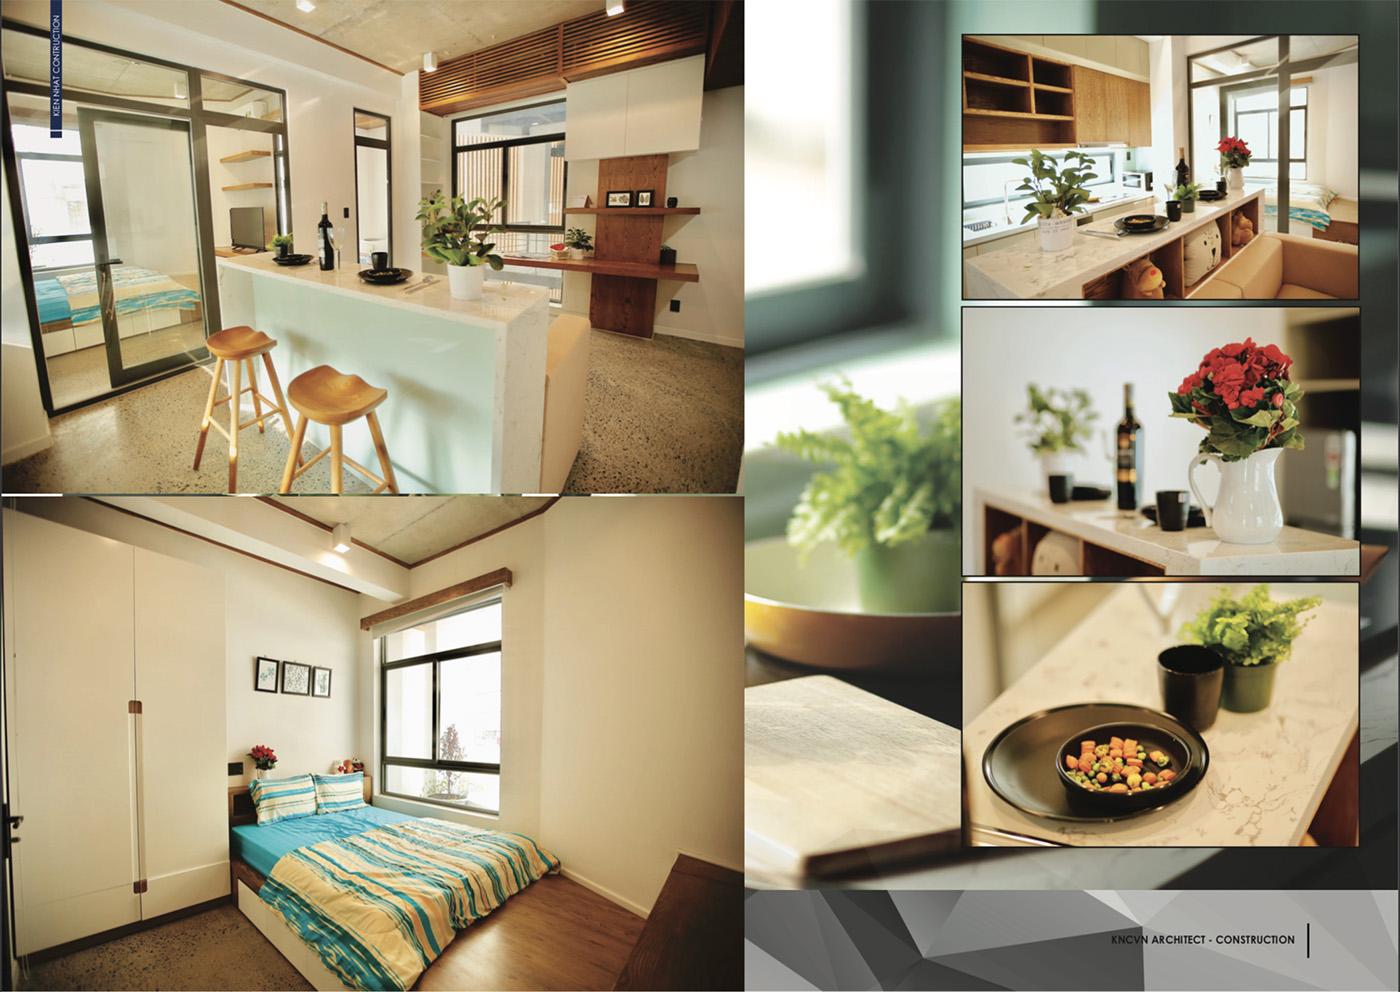 city-house-apartment-kien-nhat